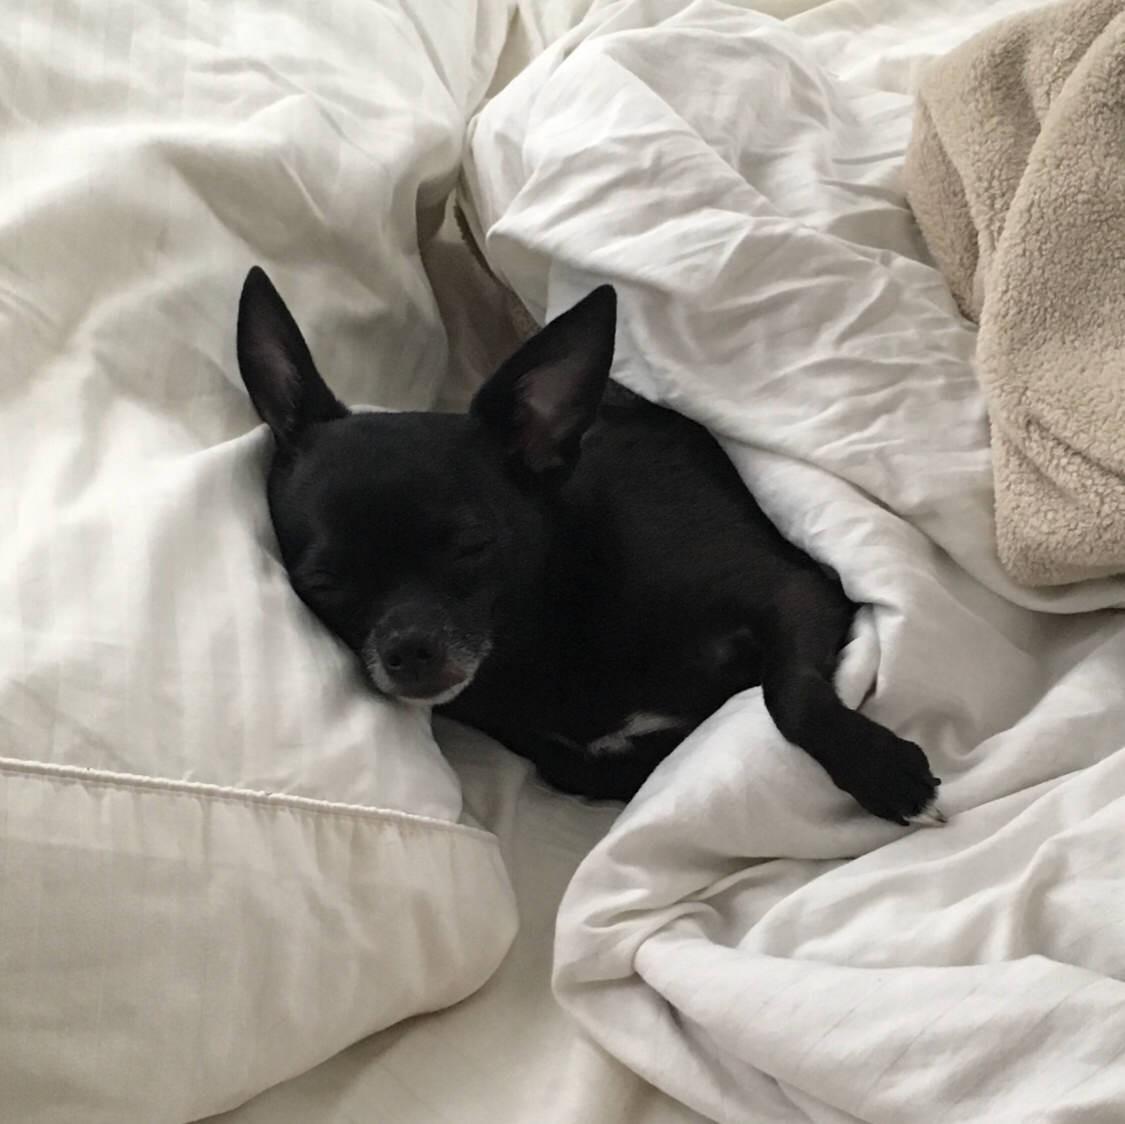 15 chú chó xấu tính chỉ thích độc chiếm một mình một giường mới chịu - Ảnh 7.